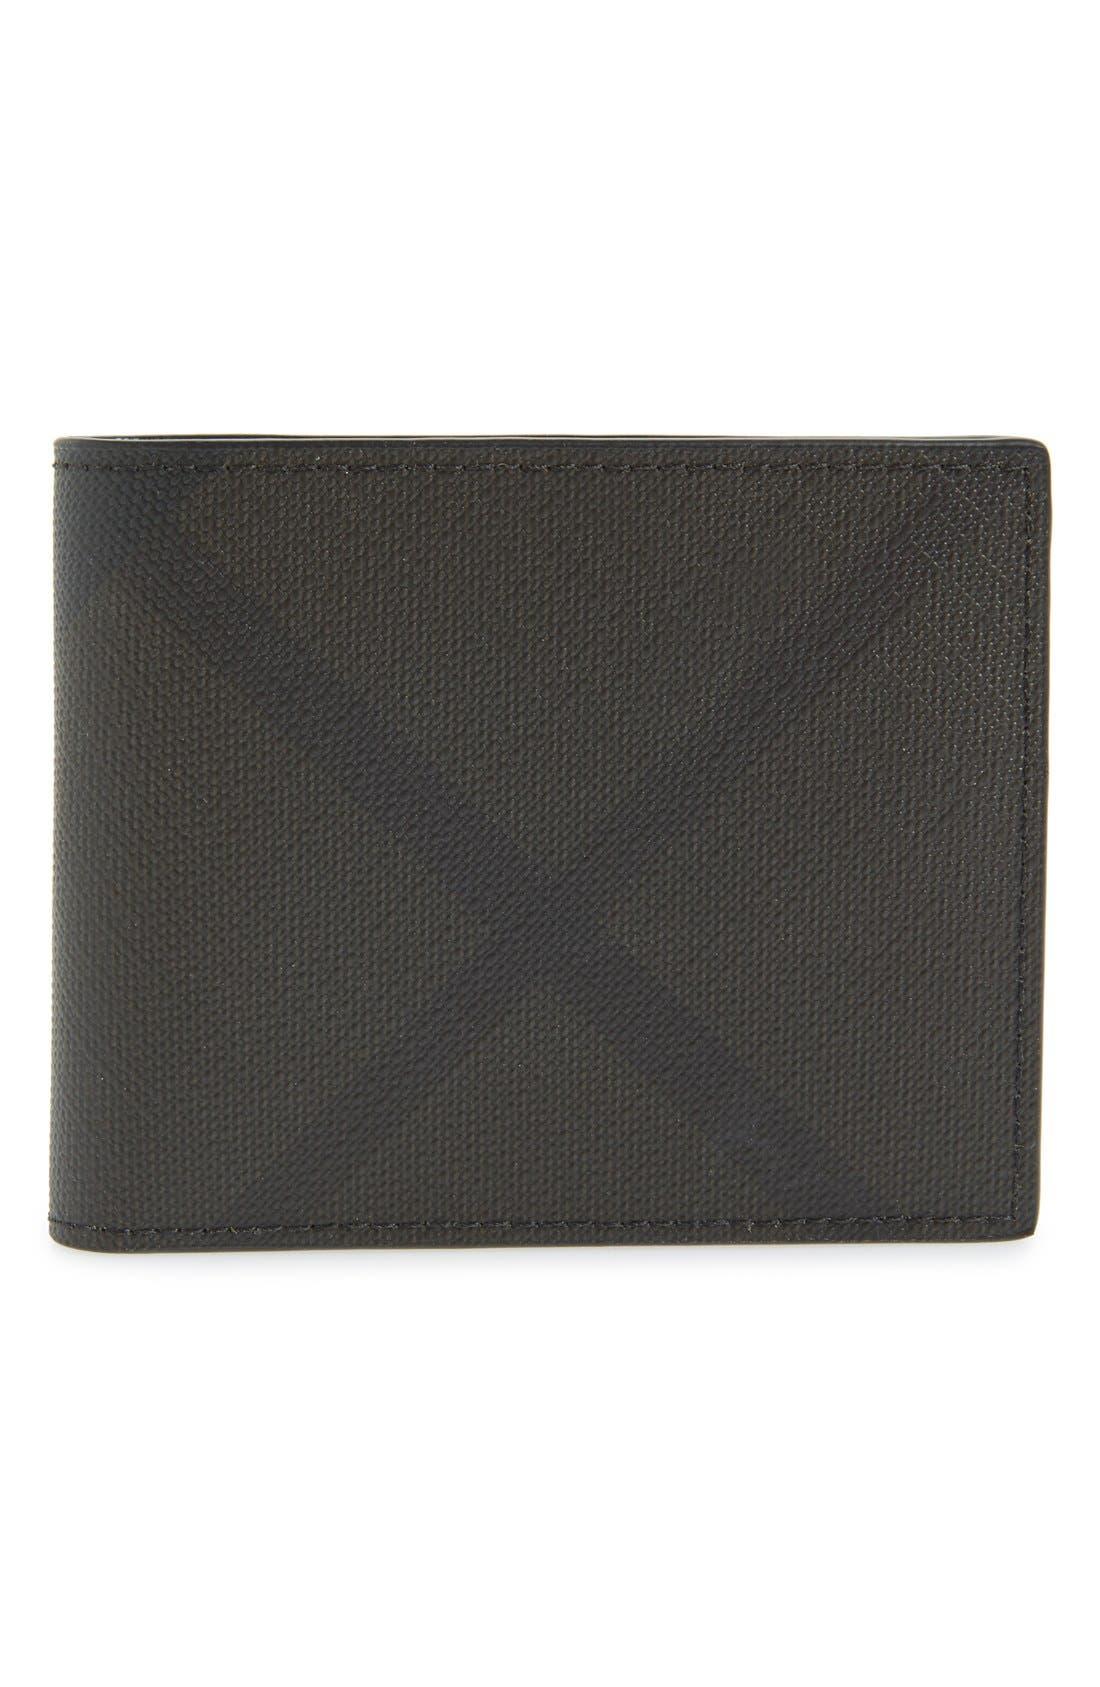 Check Wallet,                             Main thumbnail 1, color,                             207